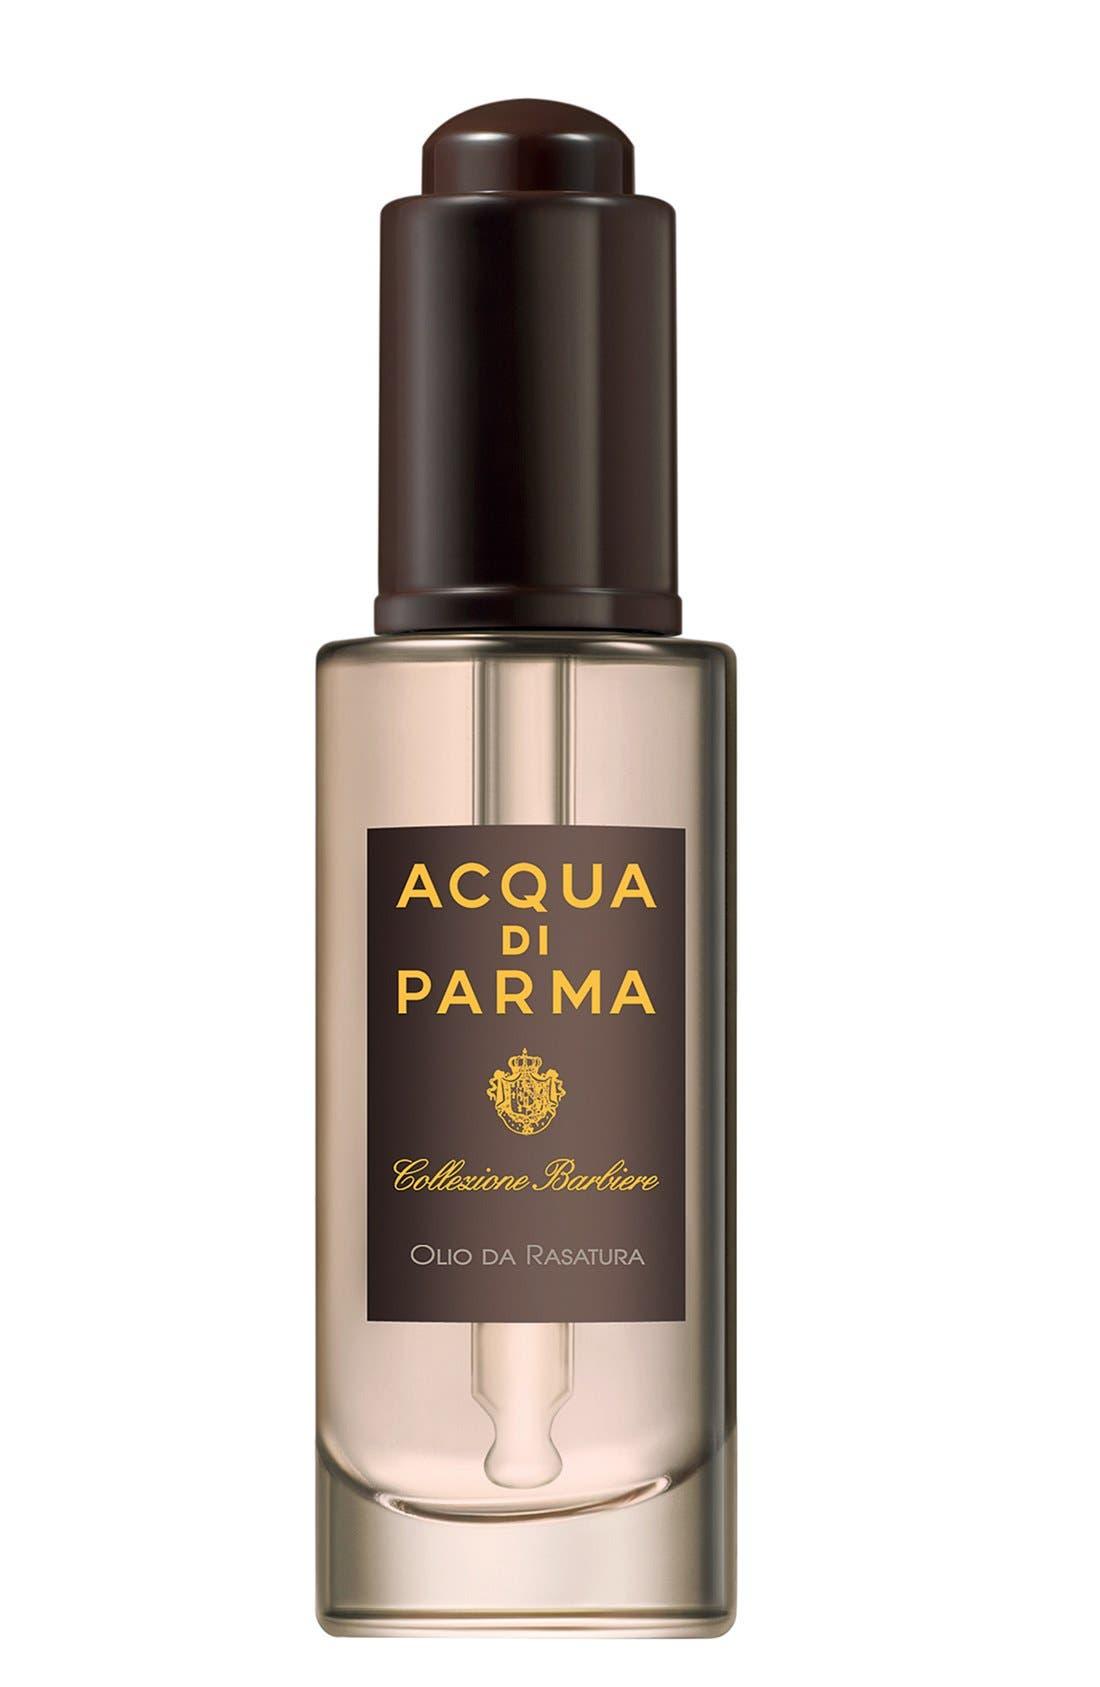 Acqua di Parma 'Collezione Barbiere' Shaving Oil